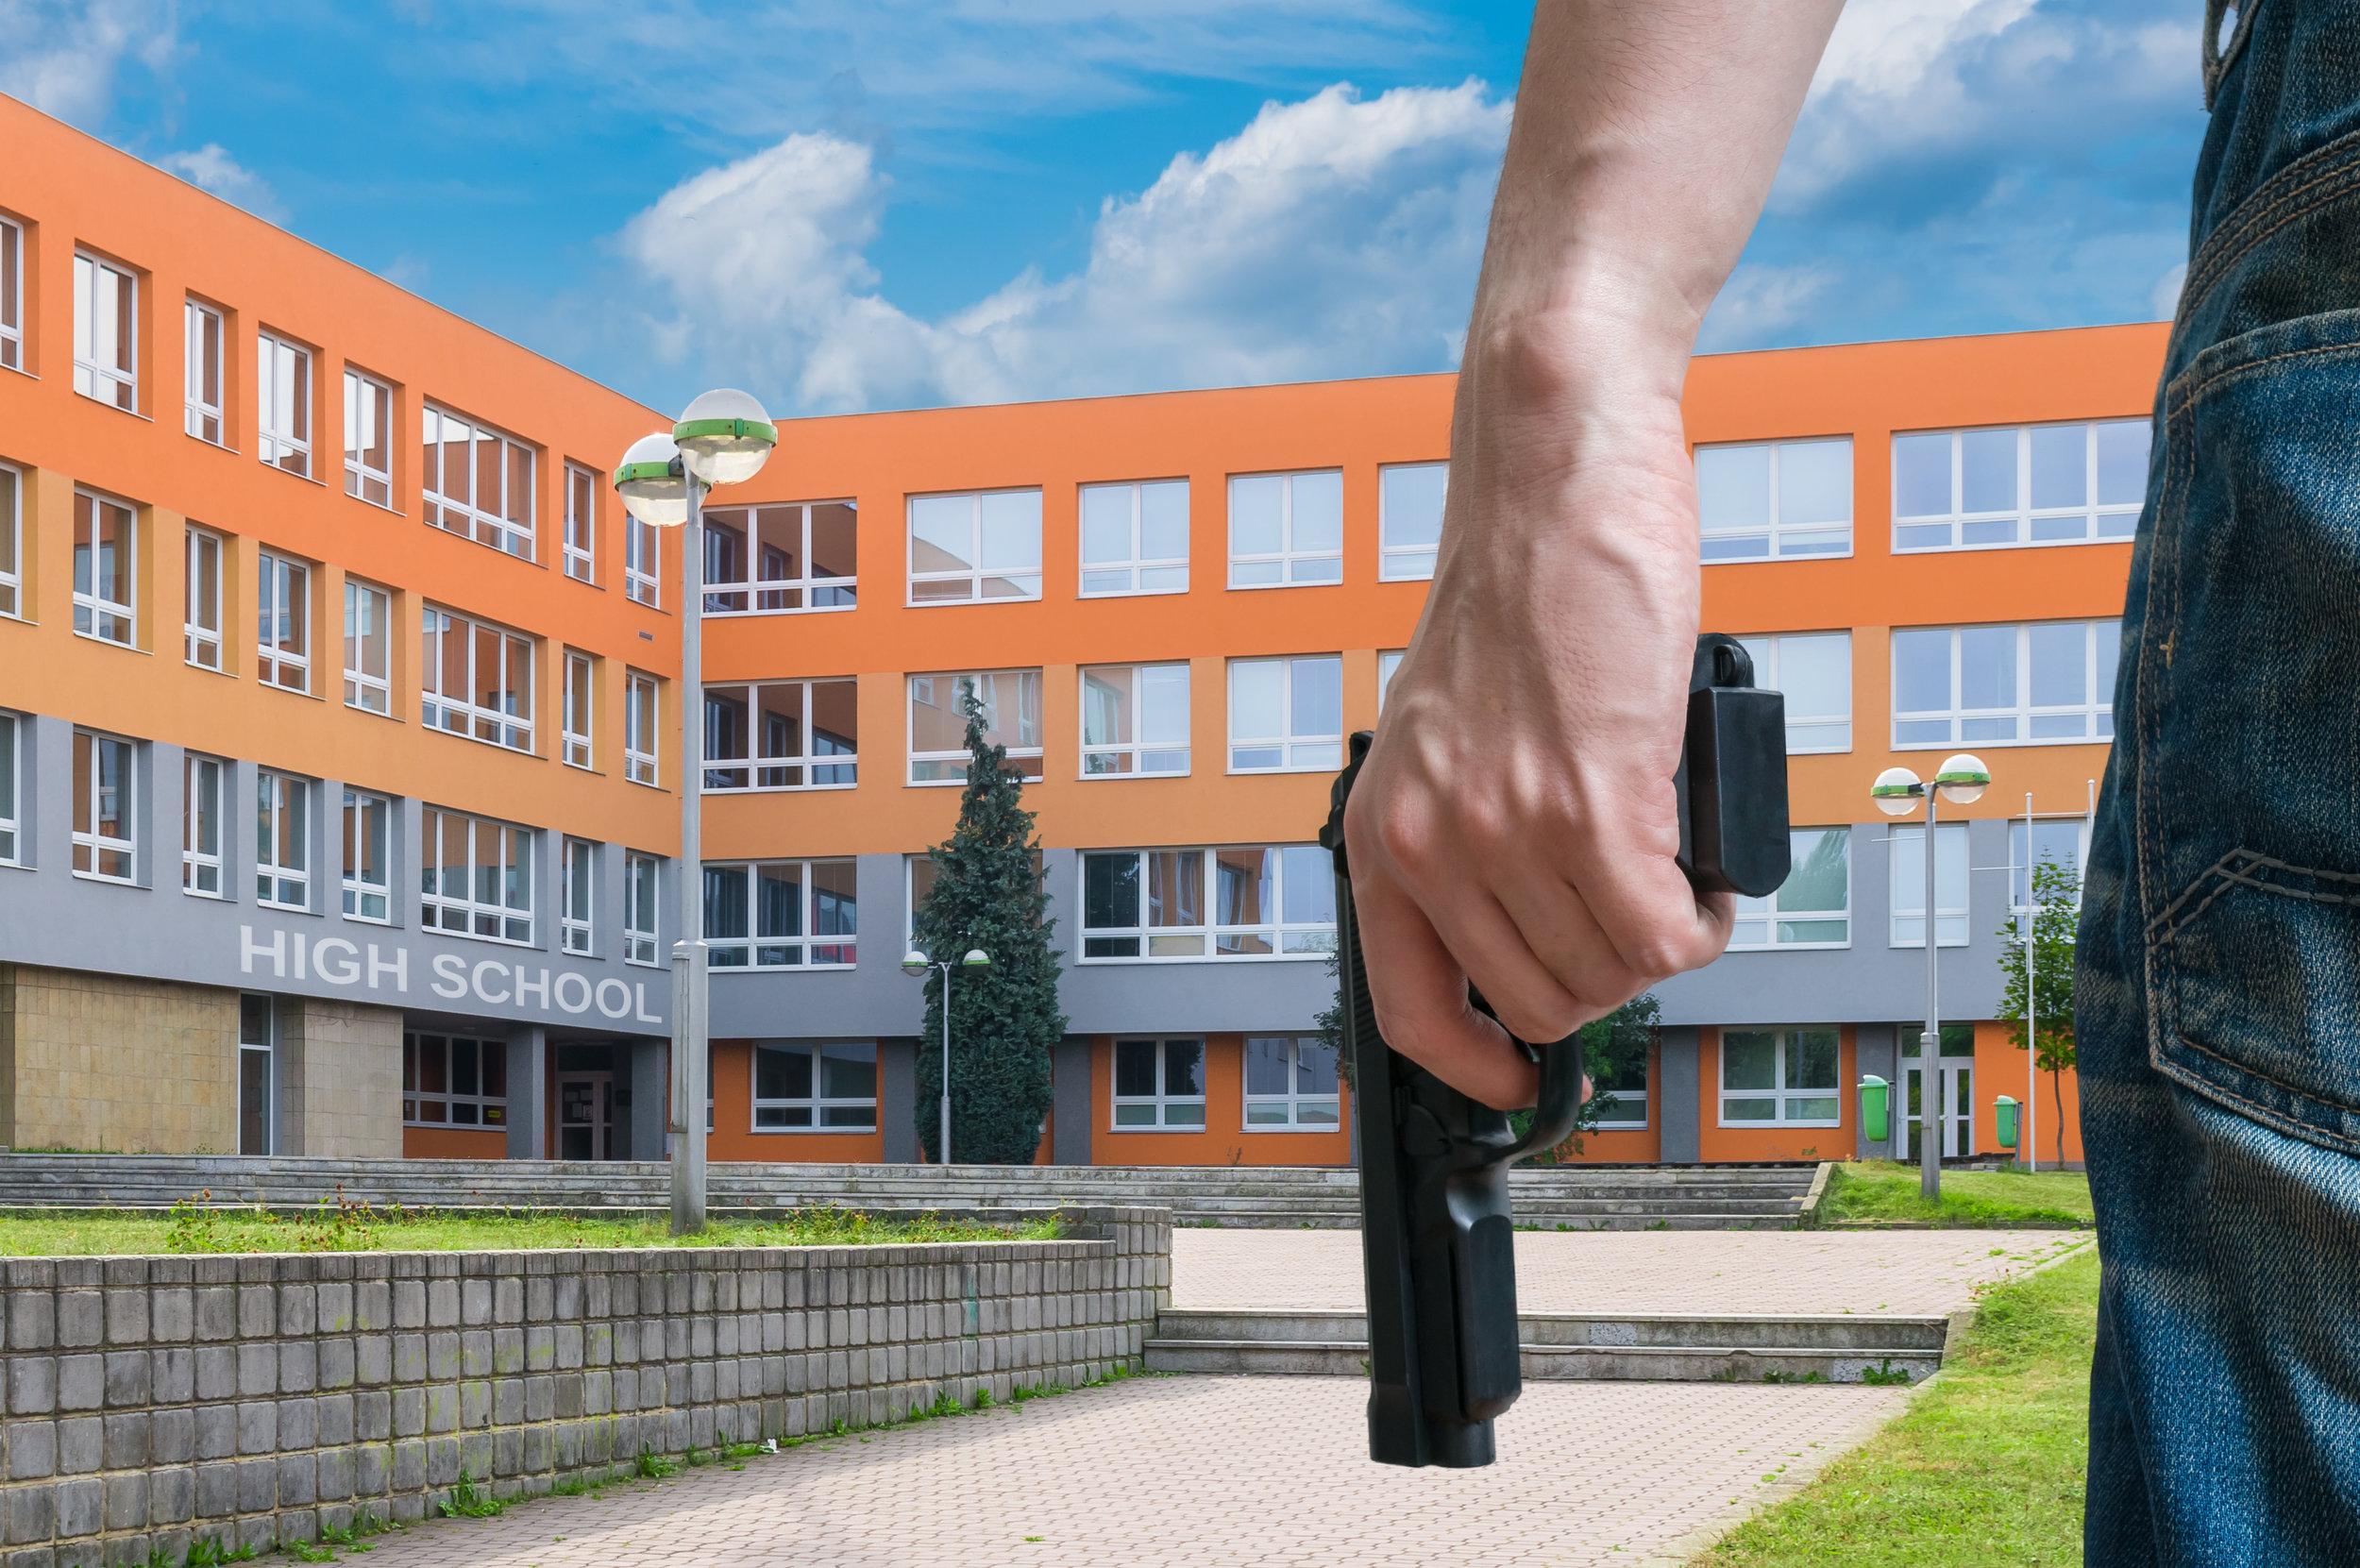 bigstock-Gun-Control-Concept-Young-Arm-148116572.jpg